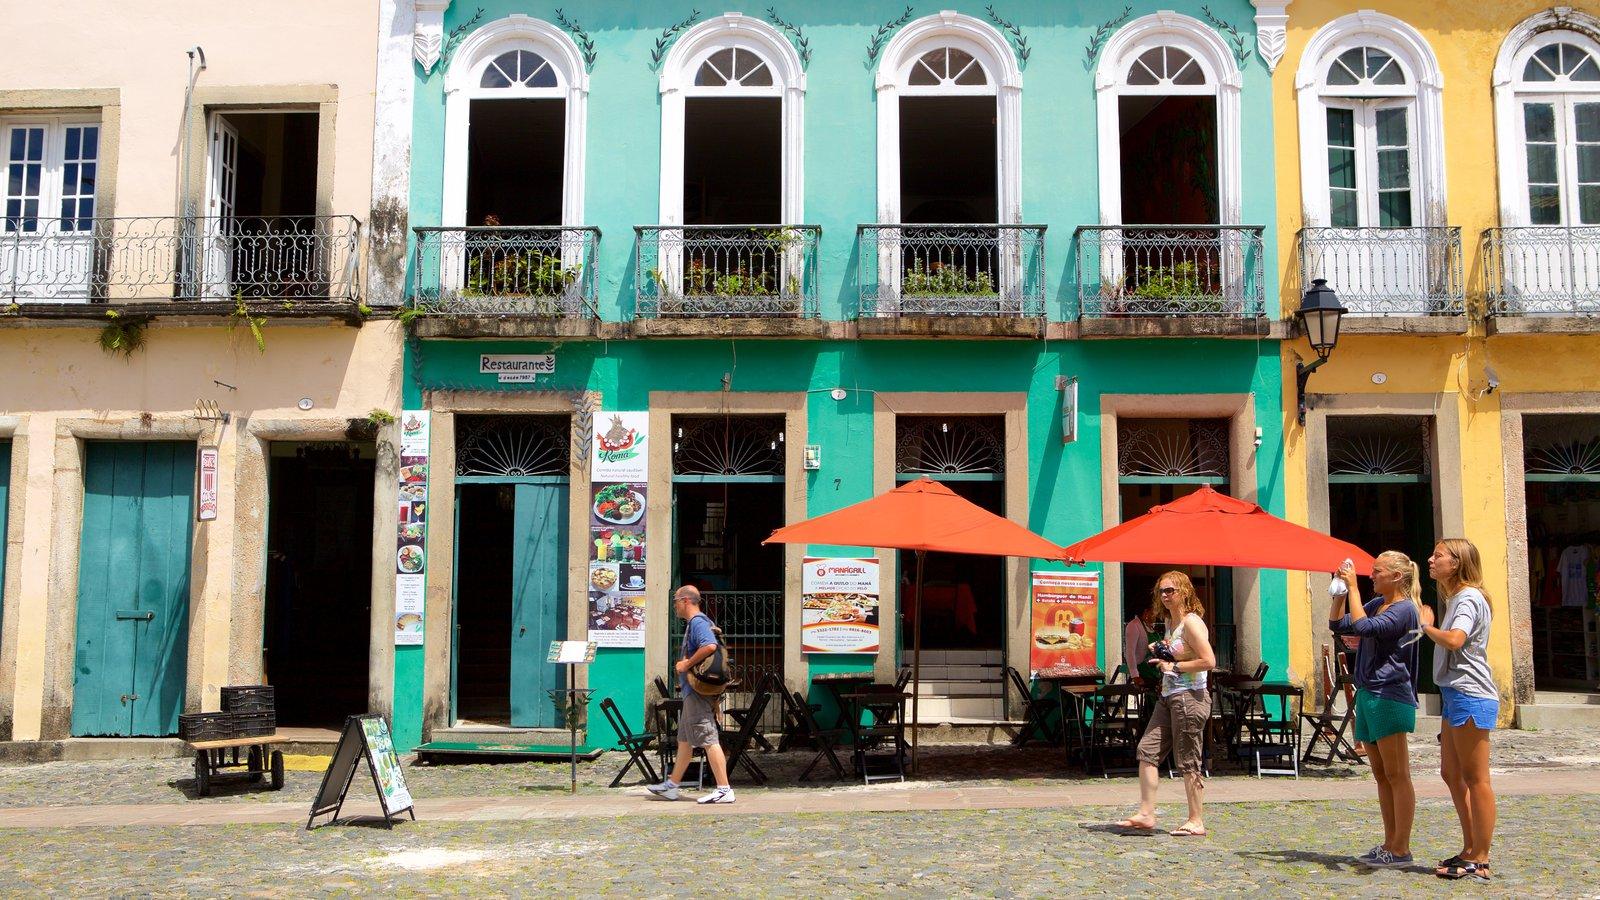 Pelourinho que inclui cenas de rua e uma estátua ou escultura assim como um pequeno grupo de pessoas